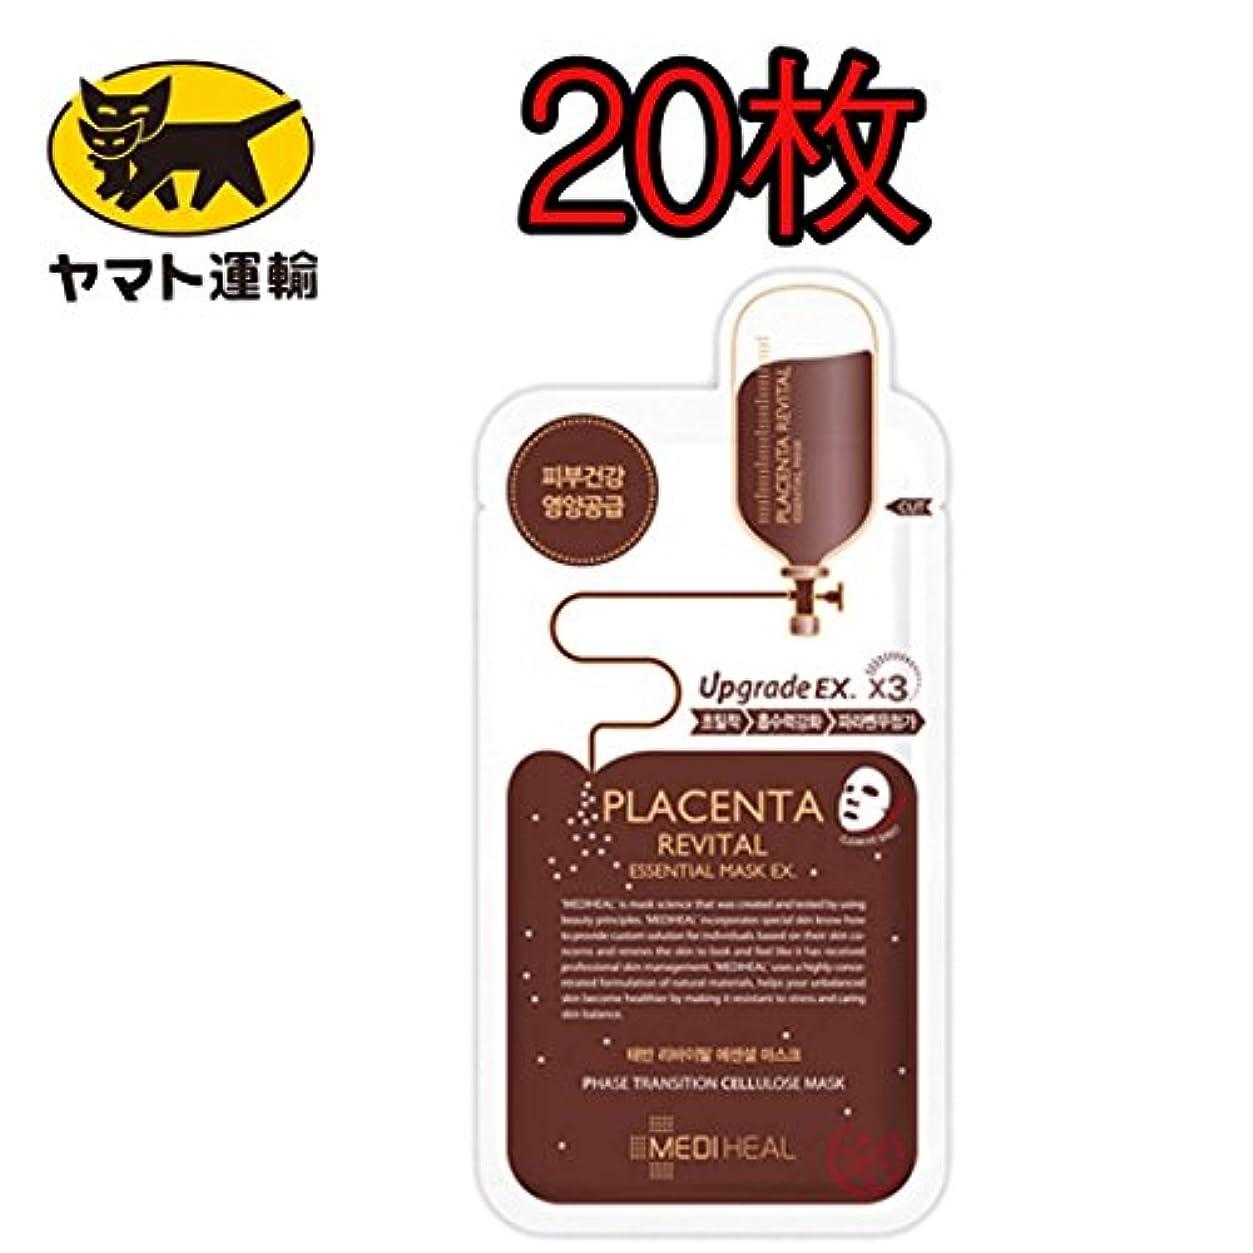 弁護士雑多な根拠メディヒール [韓国コスメ Mediheal] プラセンタ リバイタル エッセンシャル マスクREX 皮膚健康/栄養供給 (20枚) Upgrade Mediheal Placenta Revital Essential Mask 20 piece. [並行輸入品]